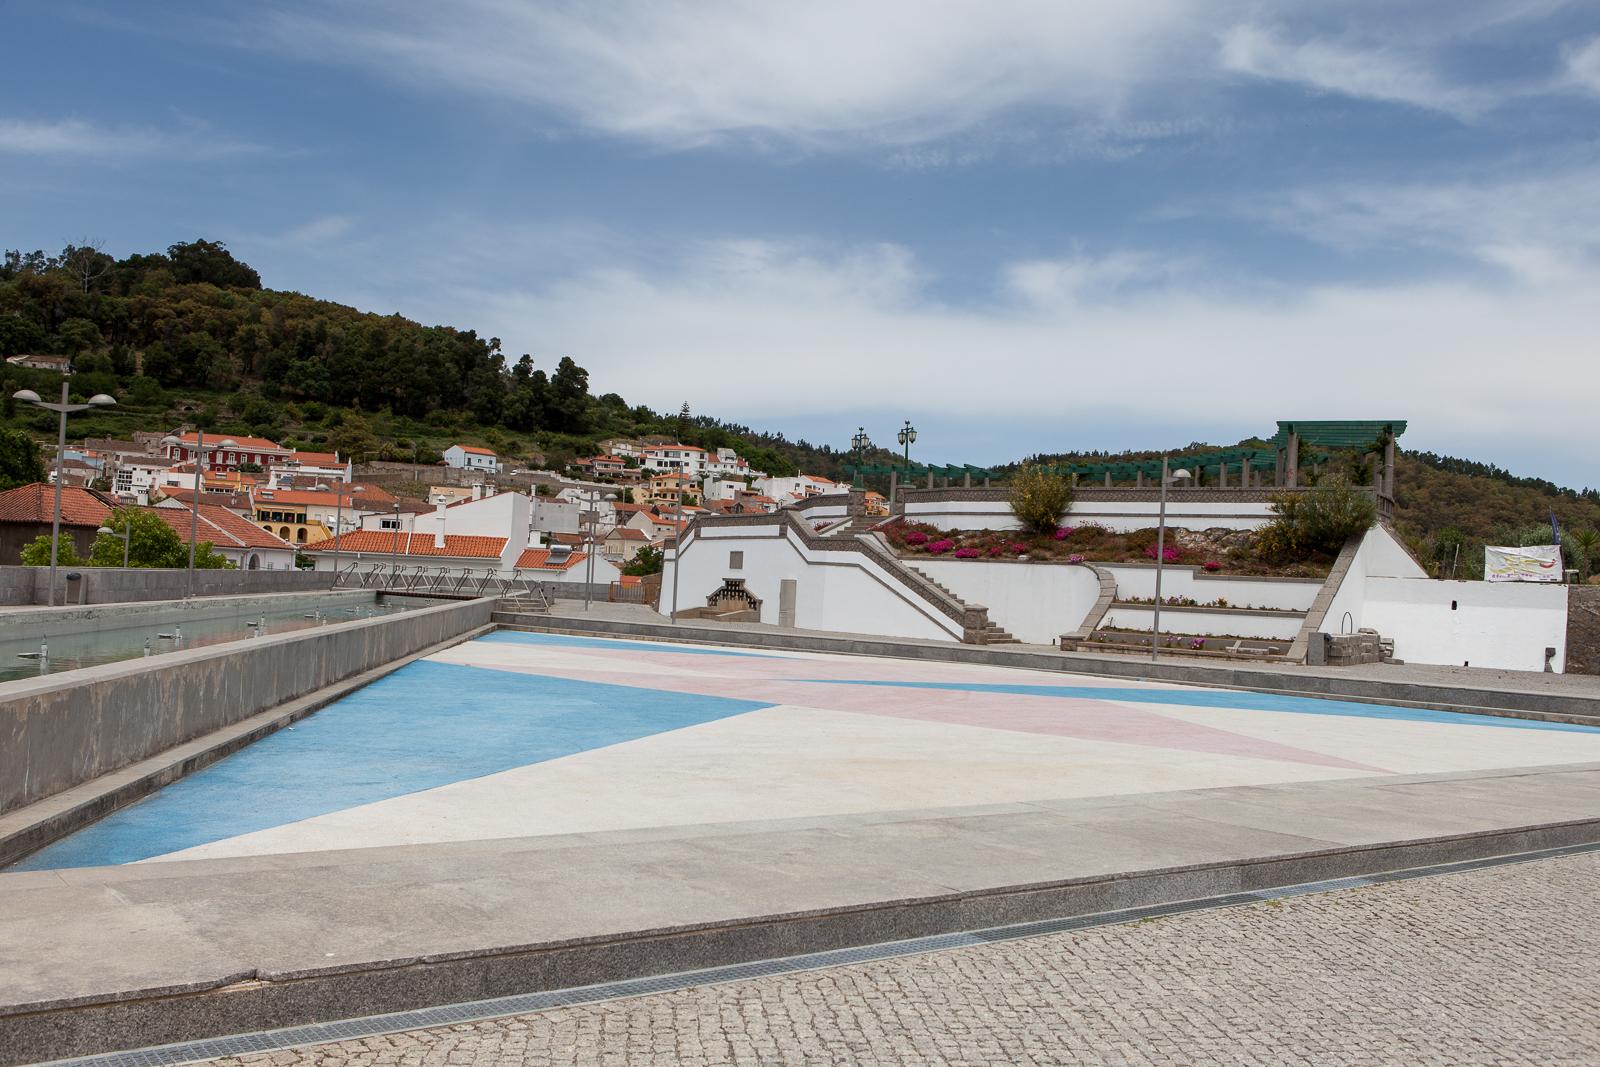 Dag03-Algarve-011-IMG_48974